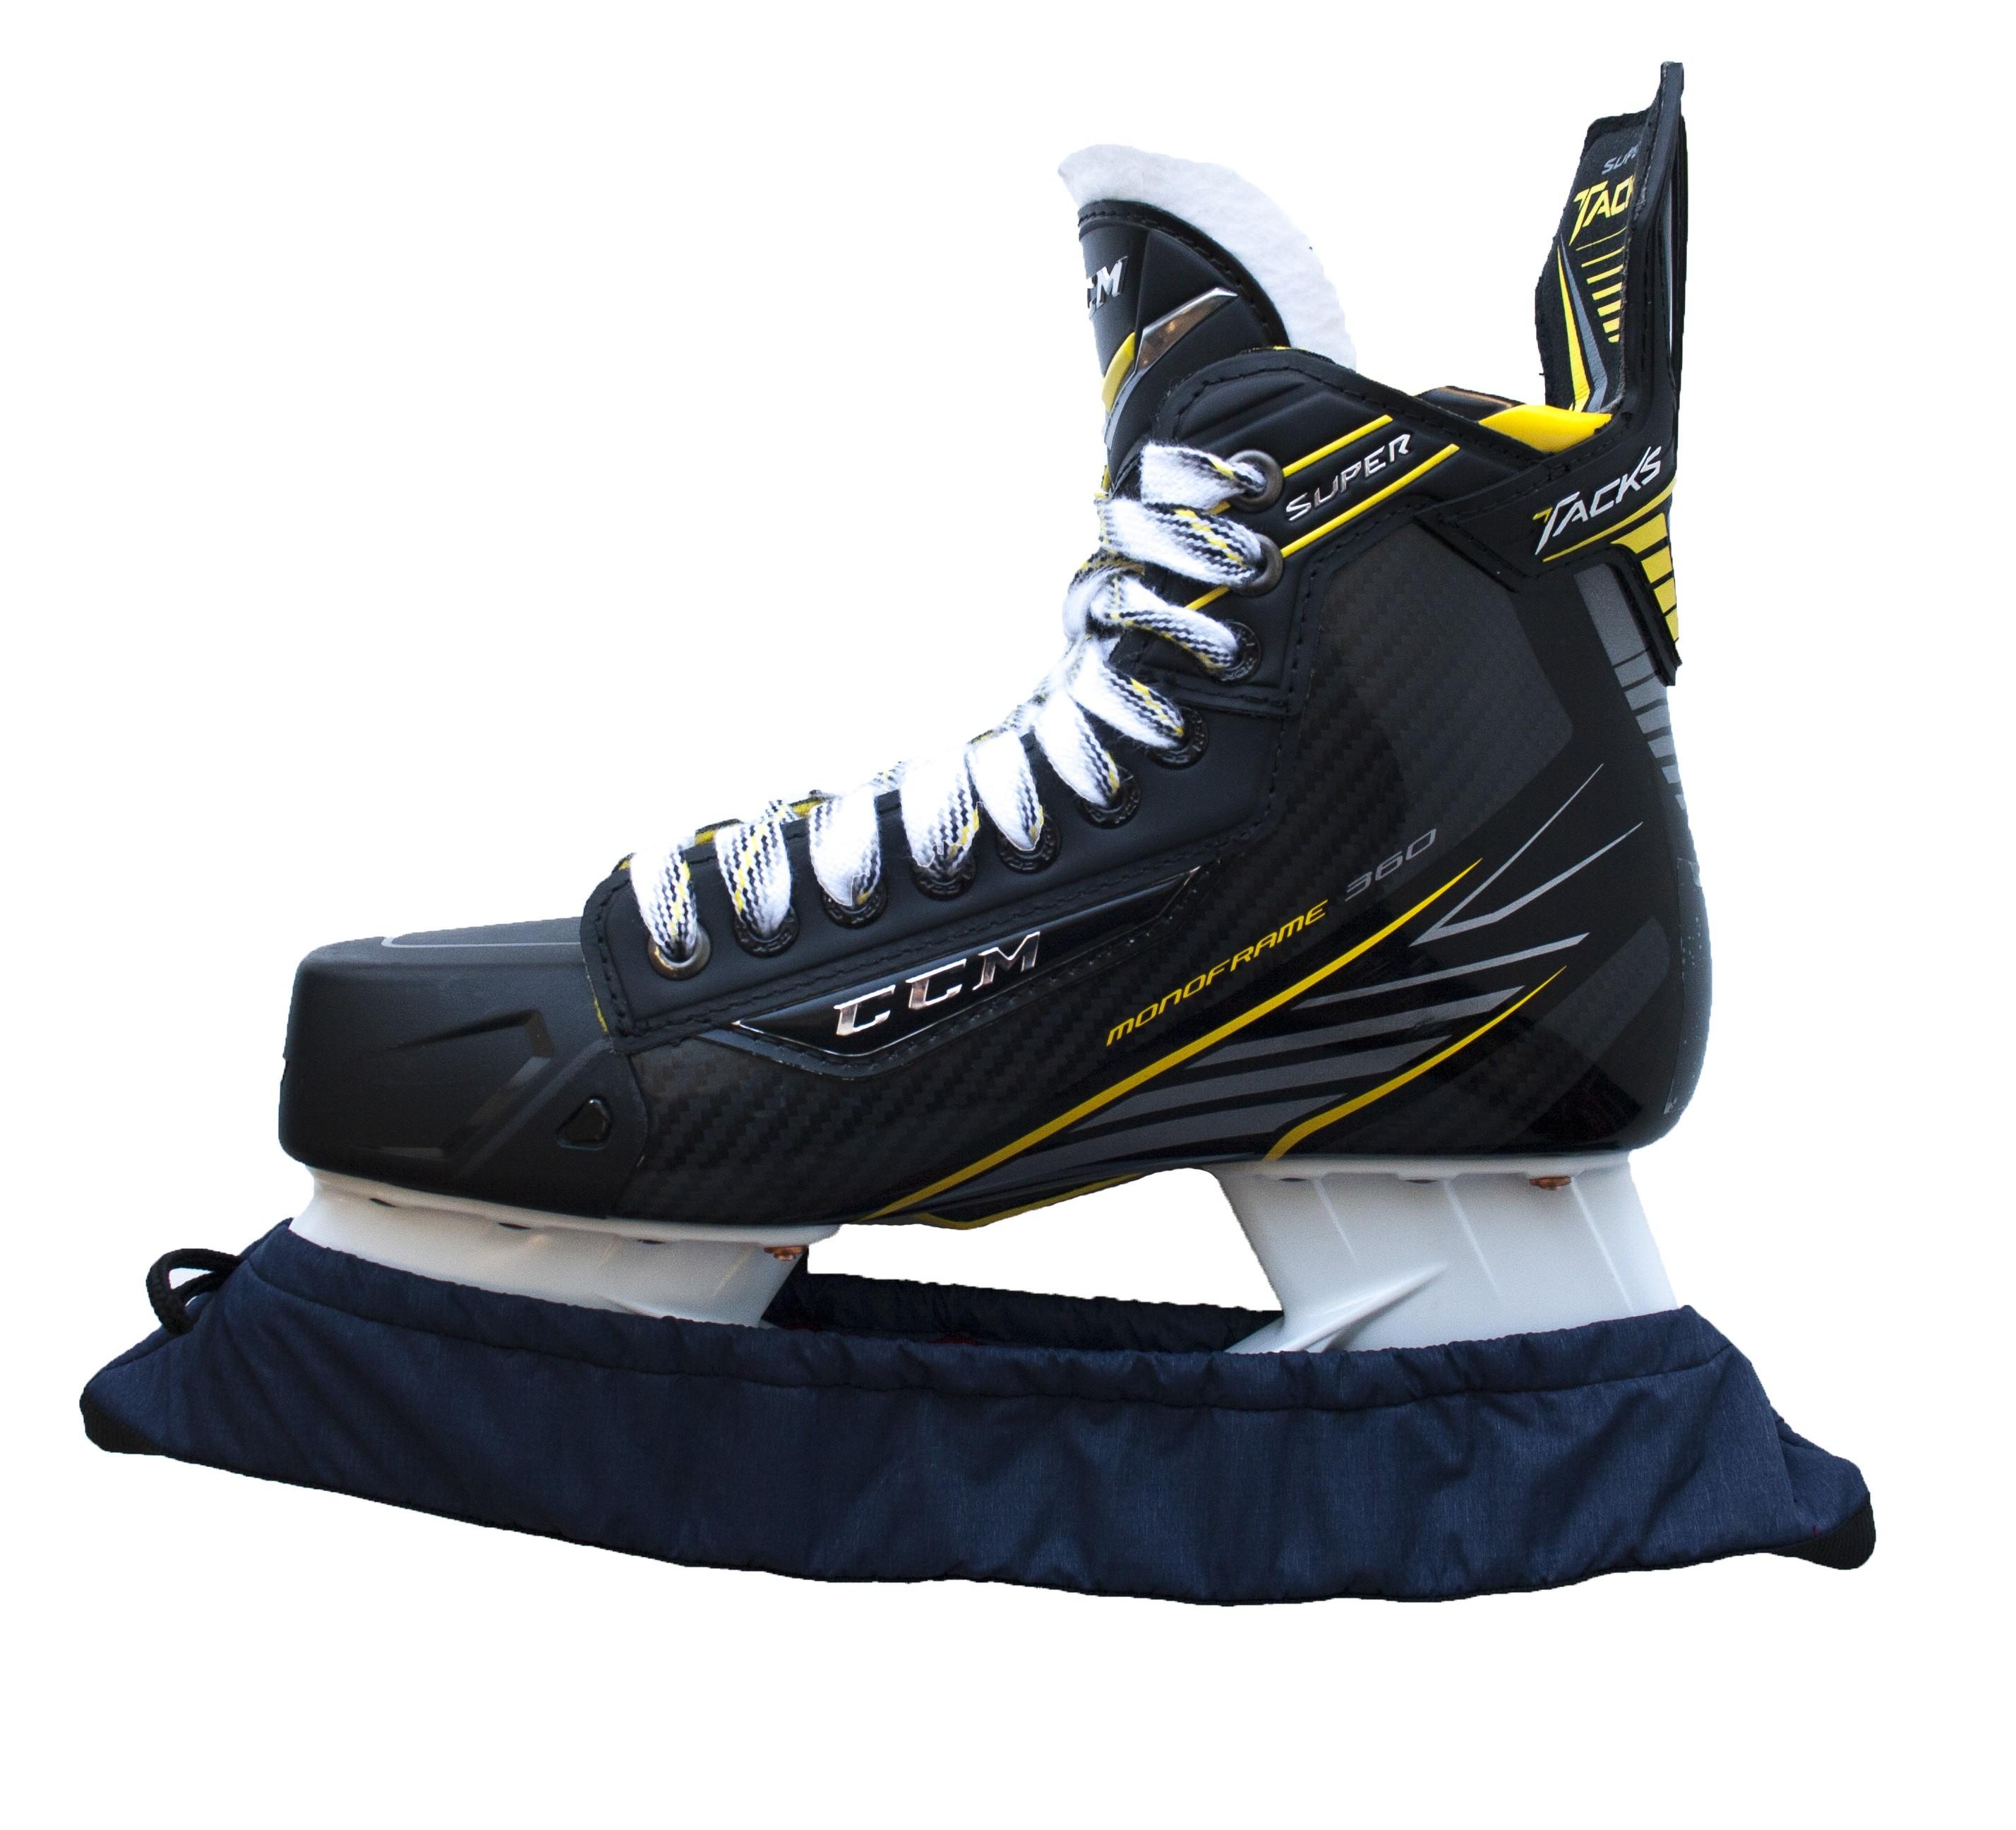 HOKEJAM.LV Senior Skate Blade Guard Soft